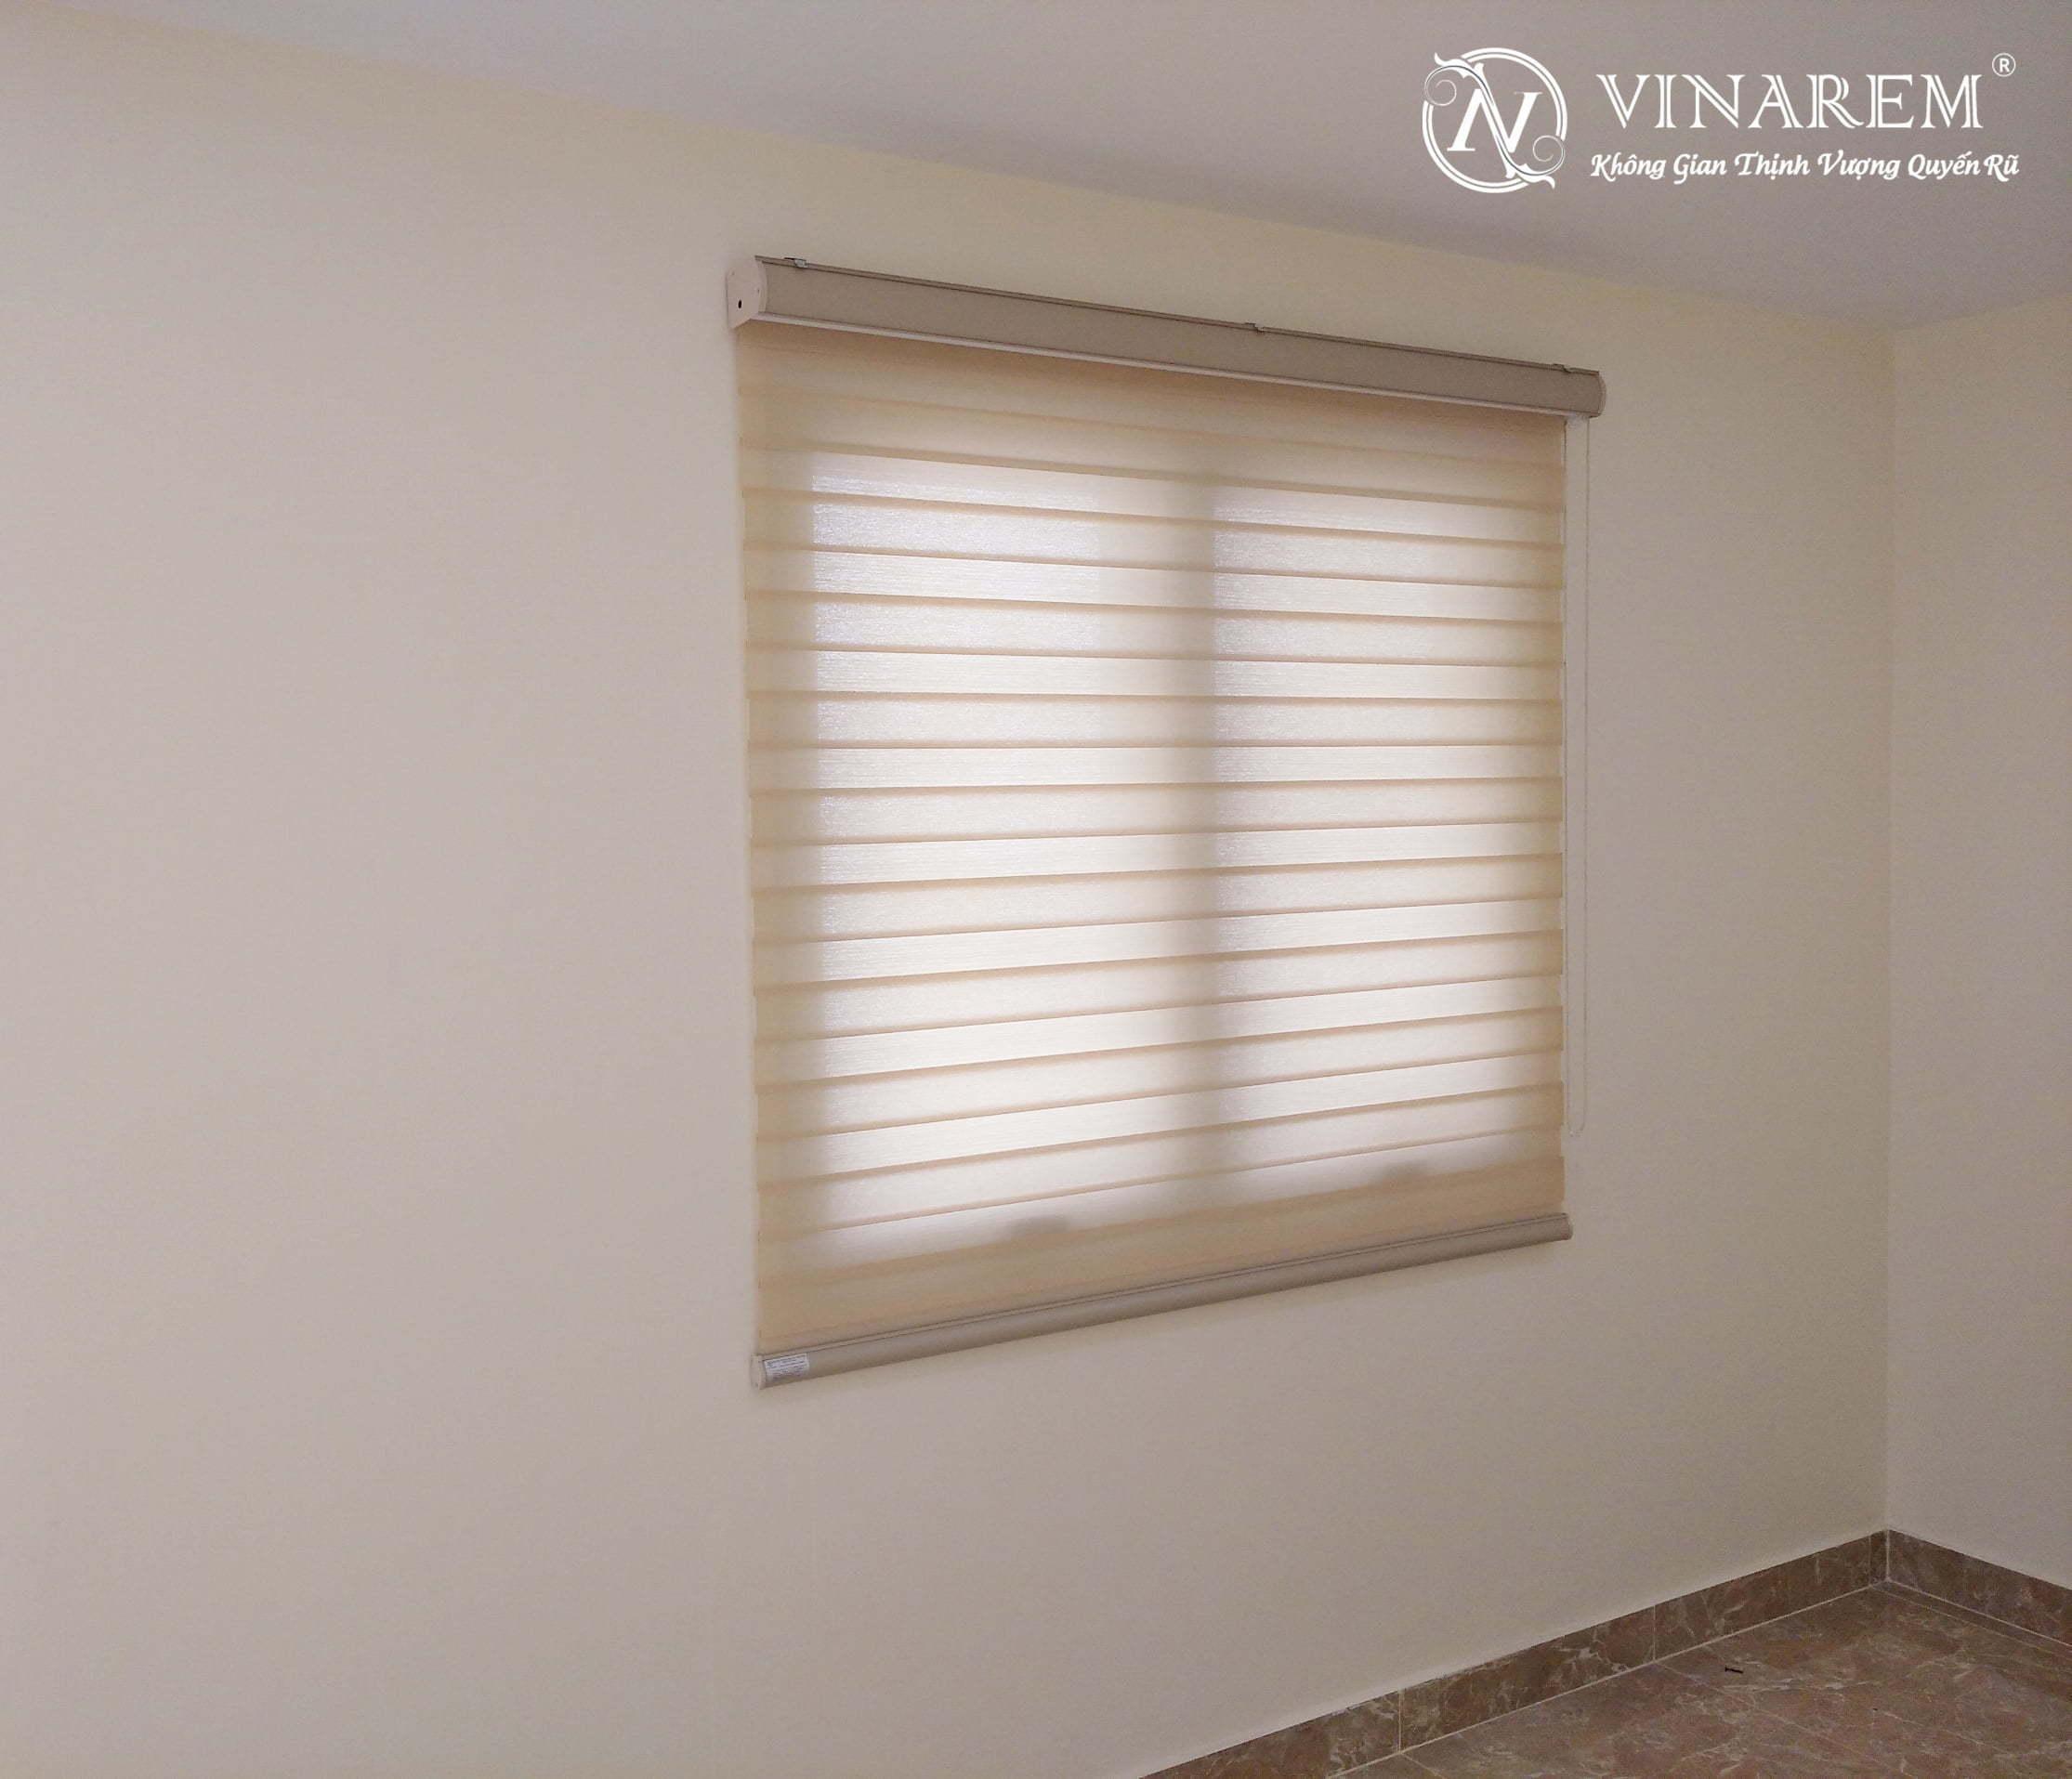 Rèm cầu vồng cao cấp cho cửa sổ | Vinarem